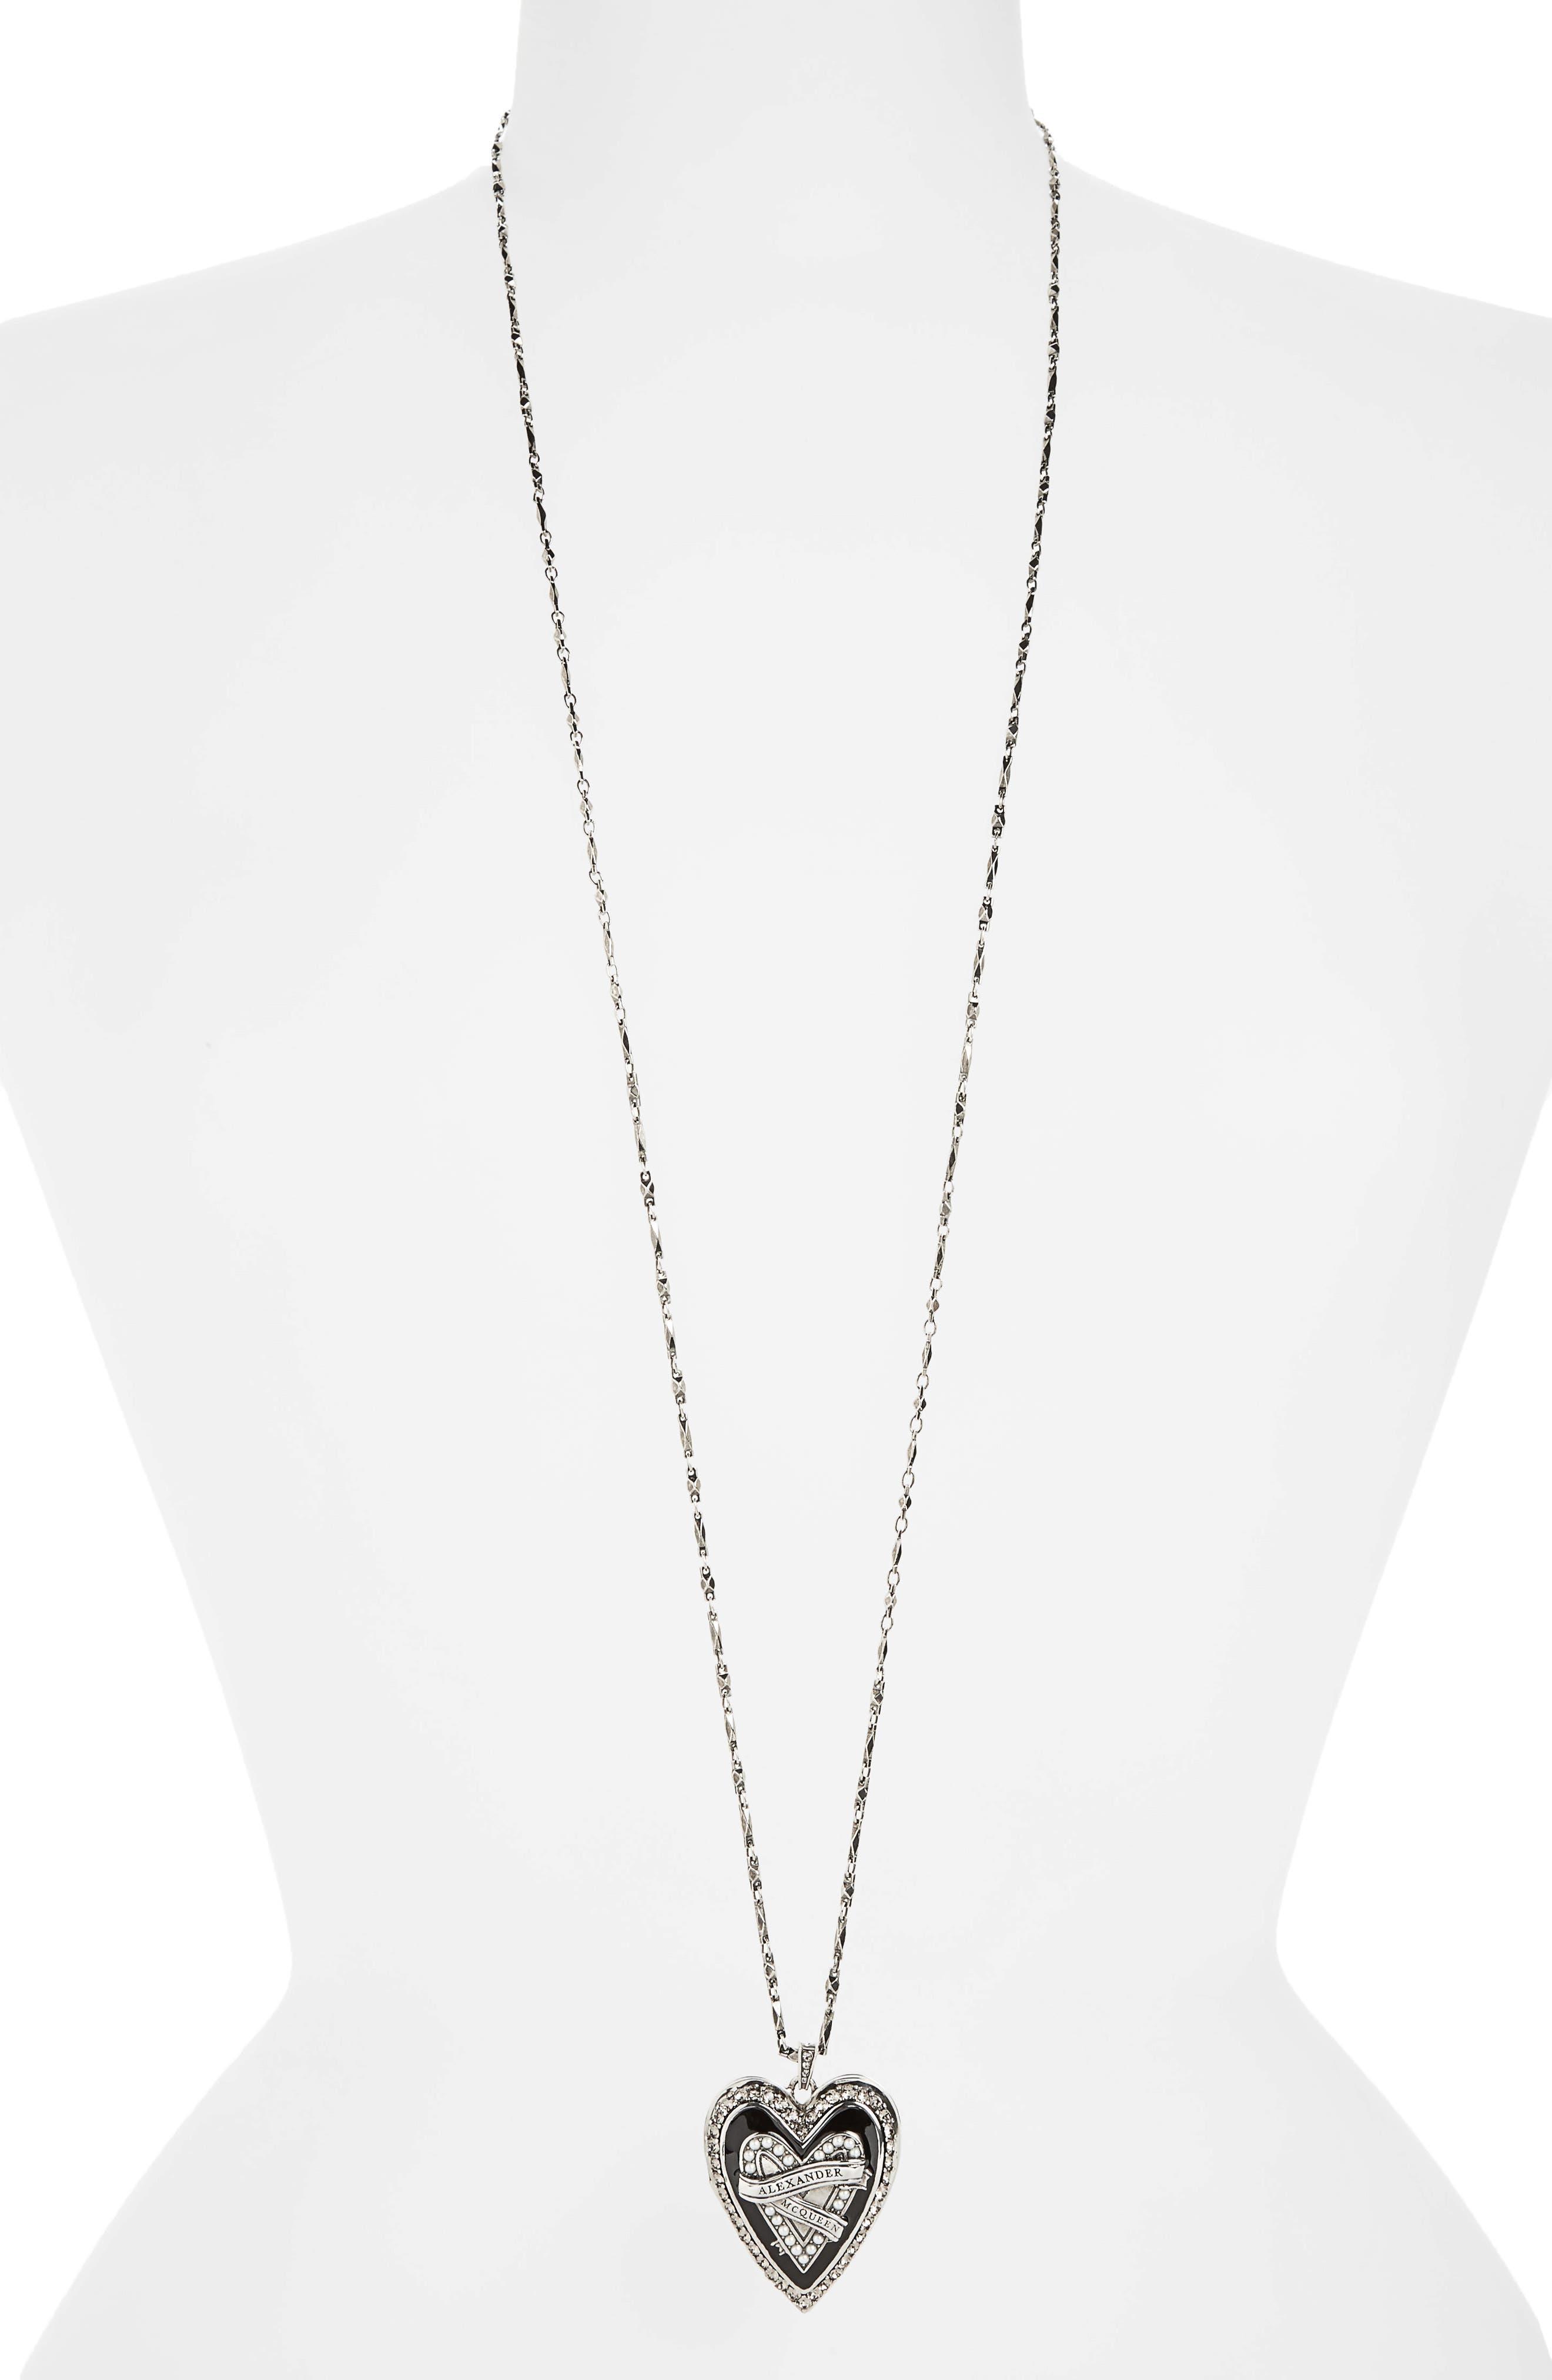 Alexander McQueen Heart Pendant Necklace